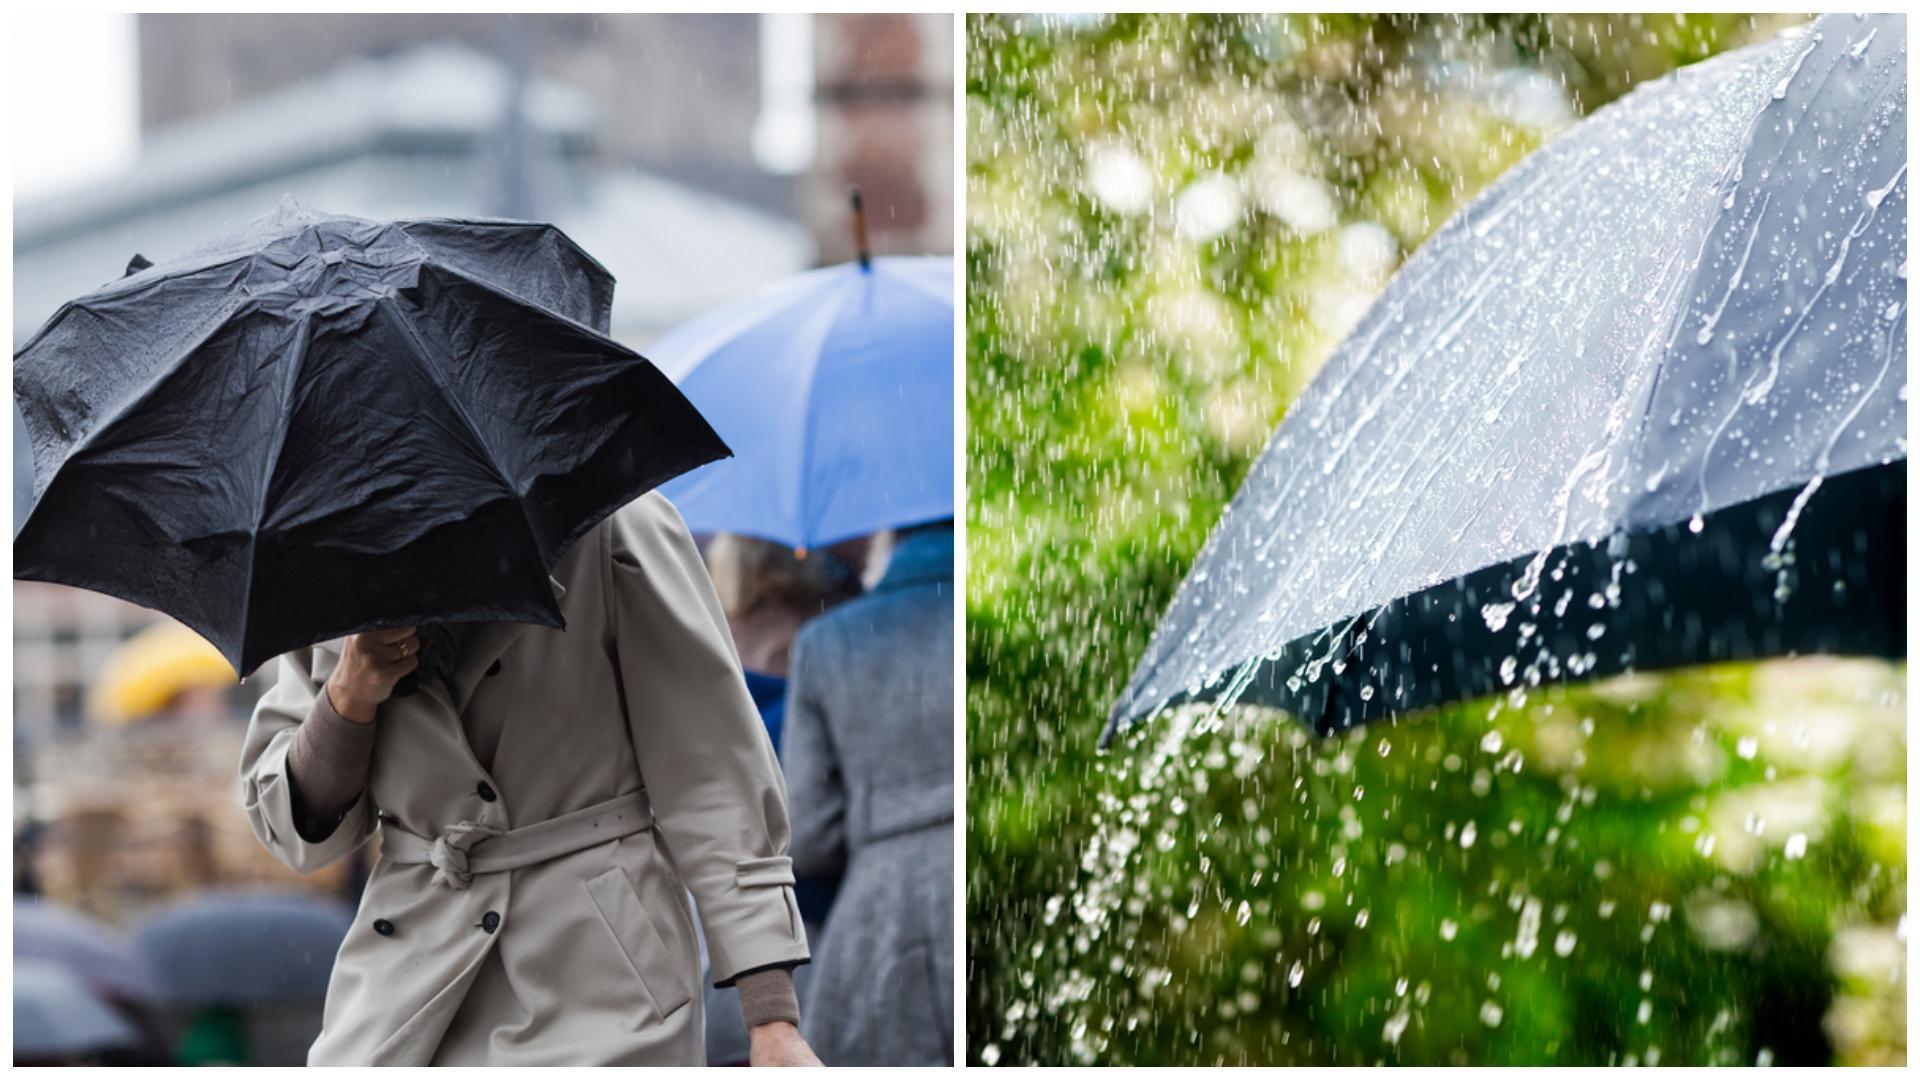 Alertă meteo de vreme severă. Meteorologii anunță ploi în mare parte din țară. Până când este valabilă avertizarea